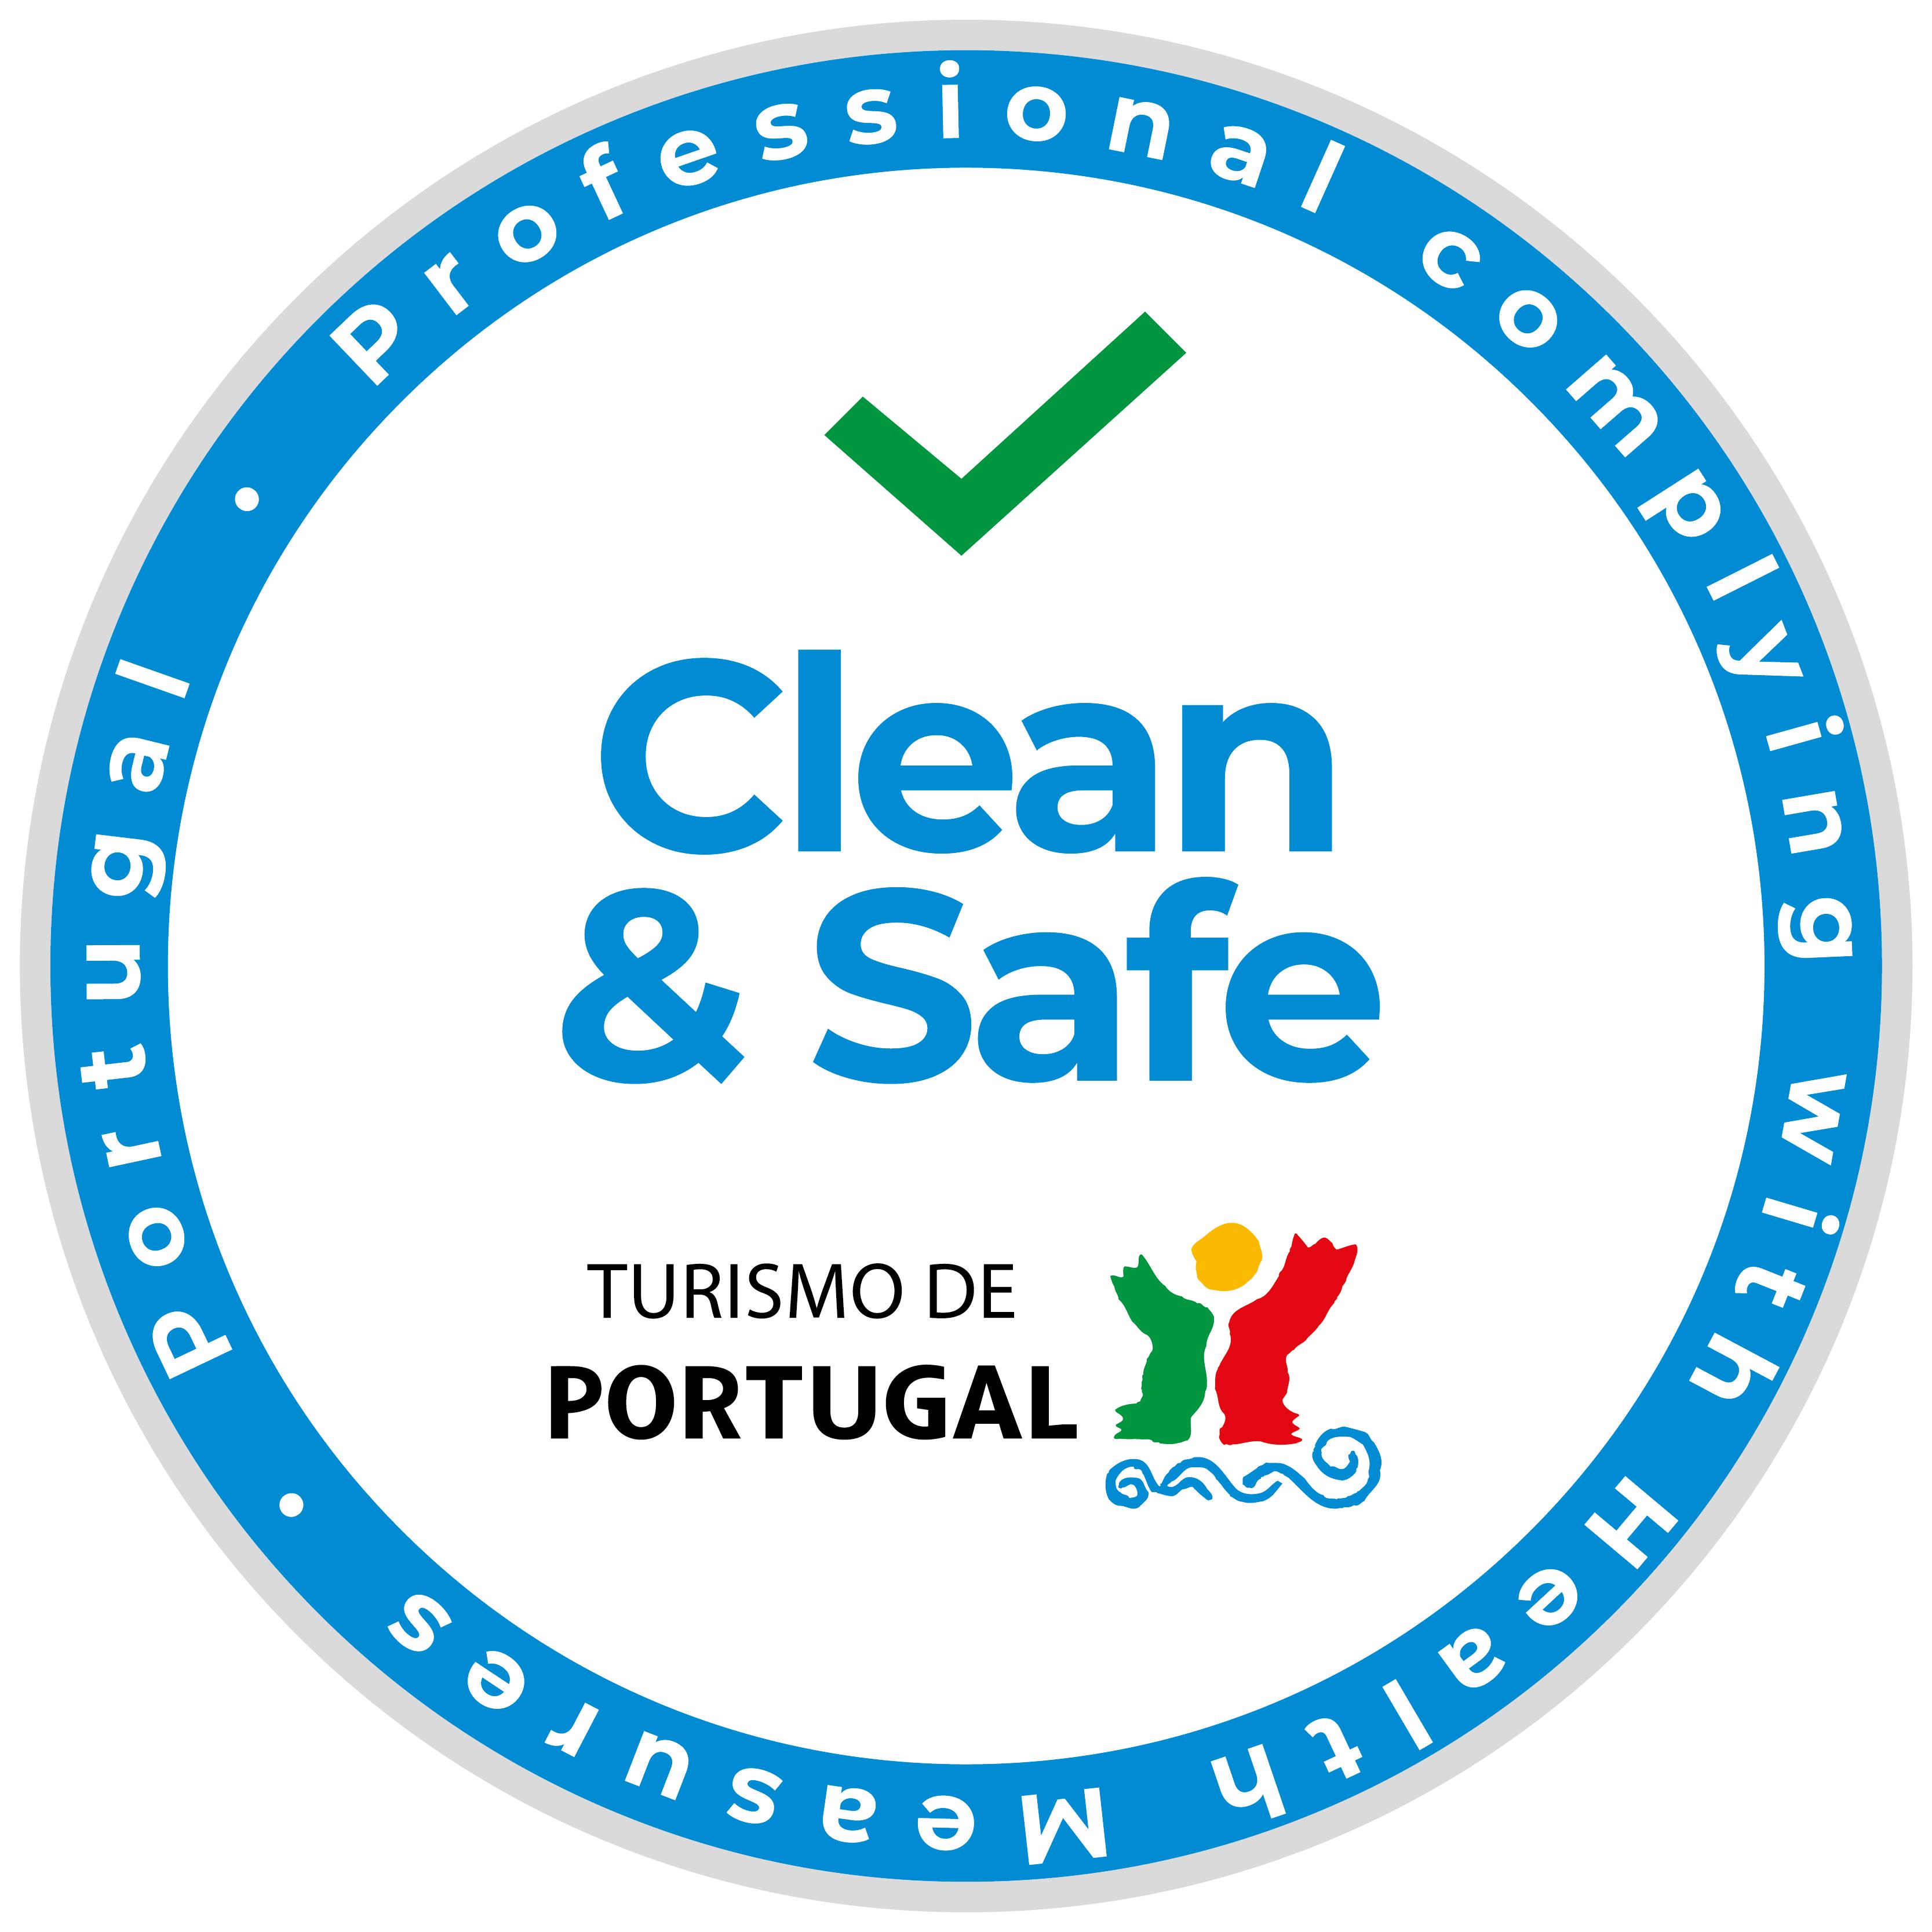 LisbonTourGuides cleanandsafe